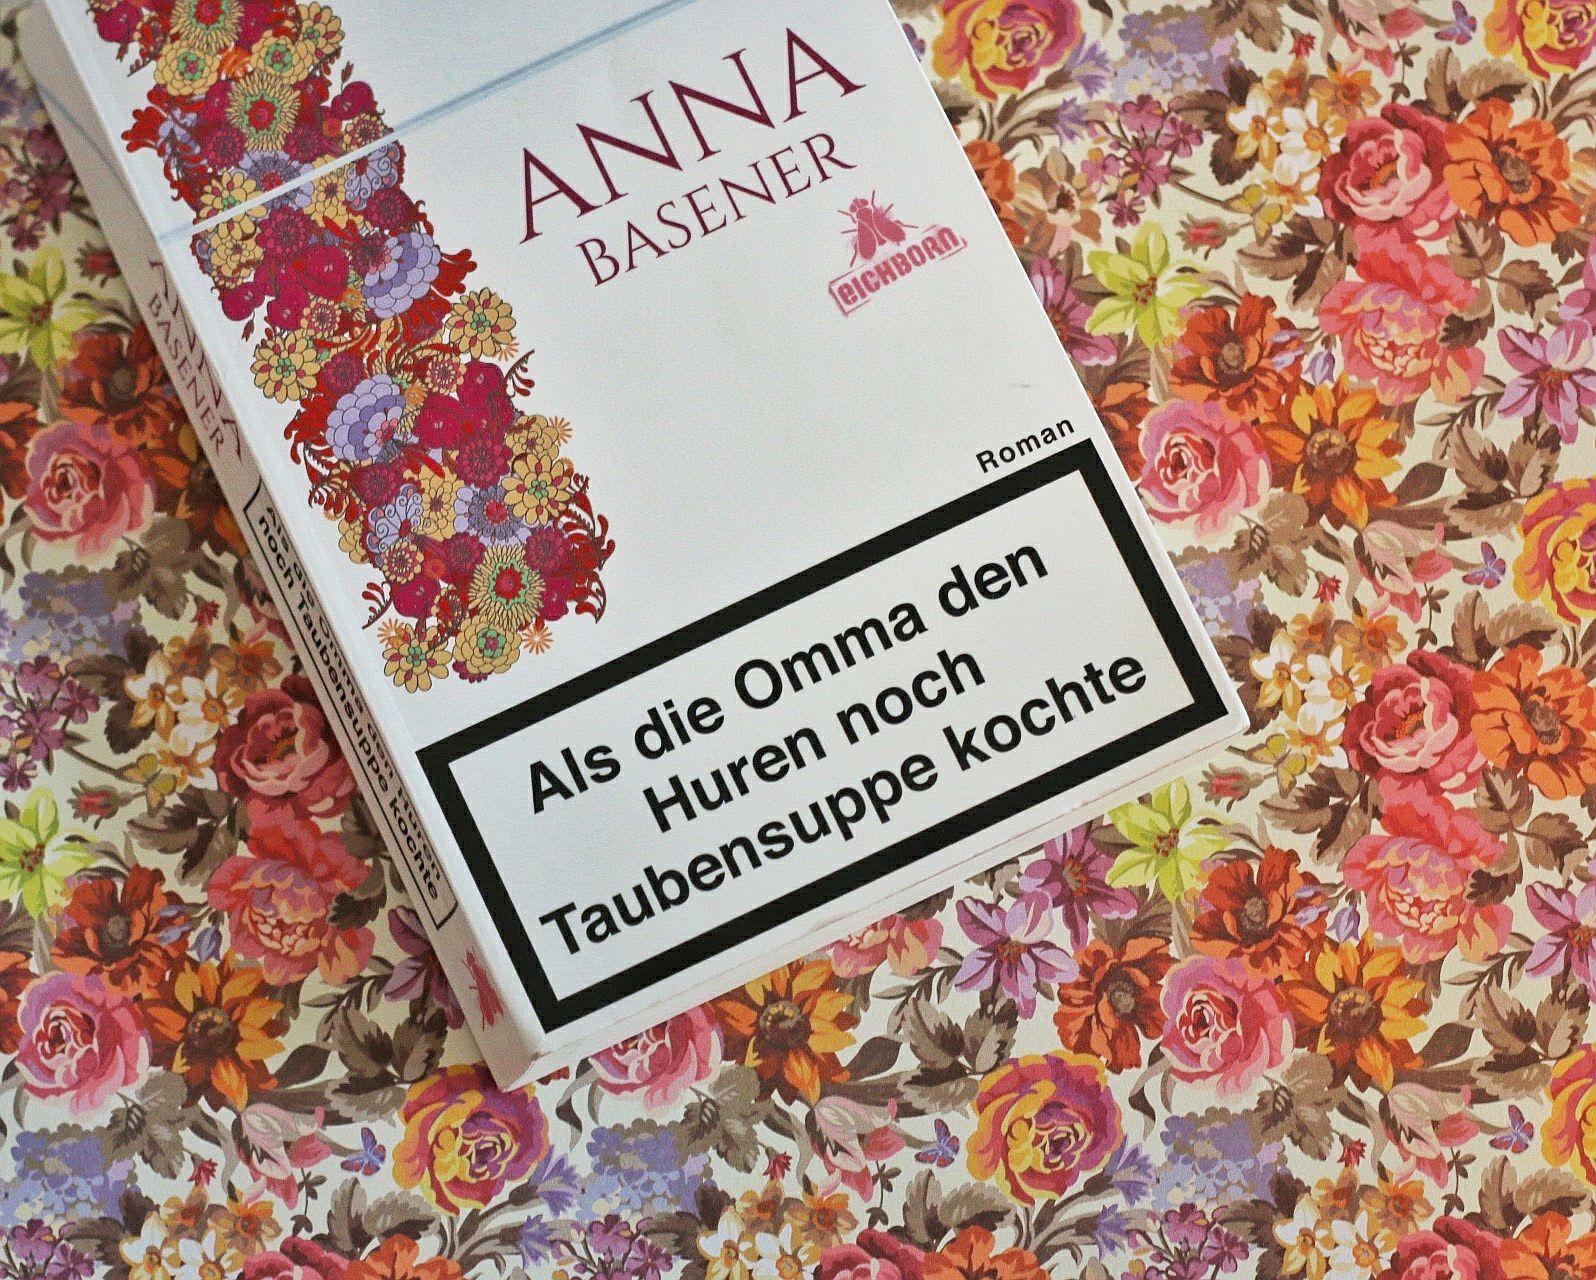 Als die Omma den Huren noch Taubensuppe kochte Anna Basener Cover Bastei Lübbe Verlag Buch Ruhrpott Ruhrgebiet Ruhrdeutsch